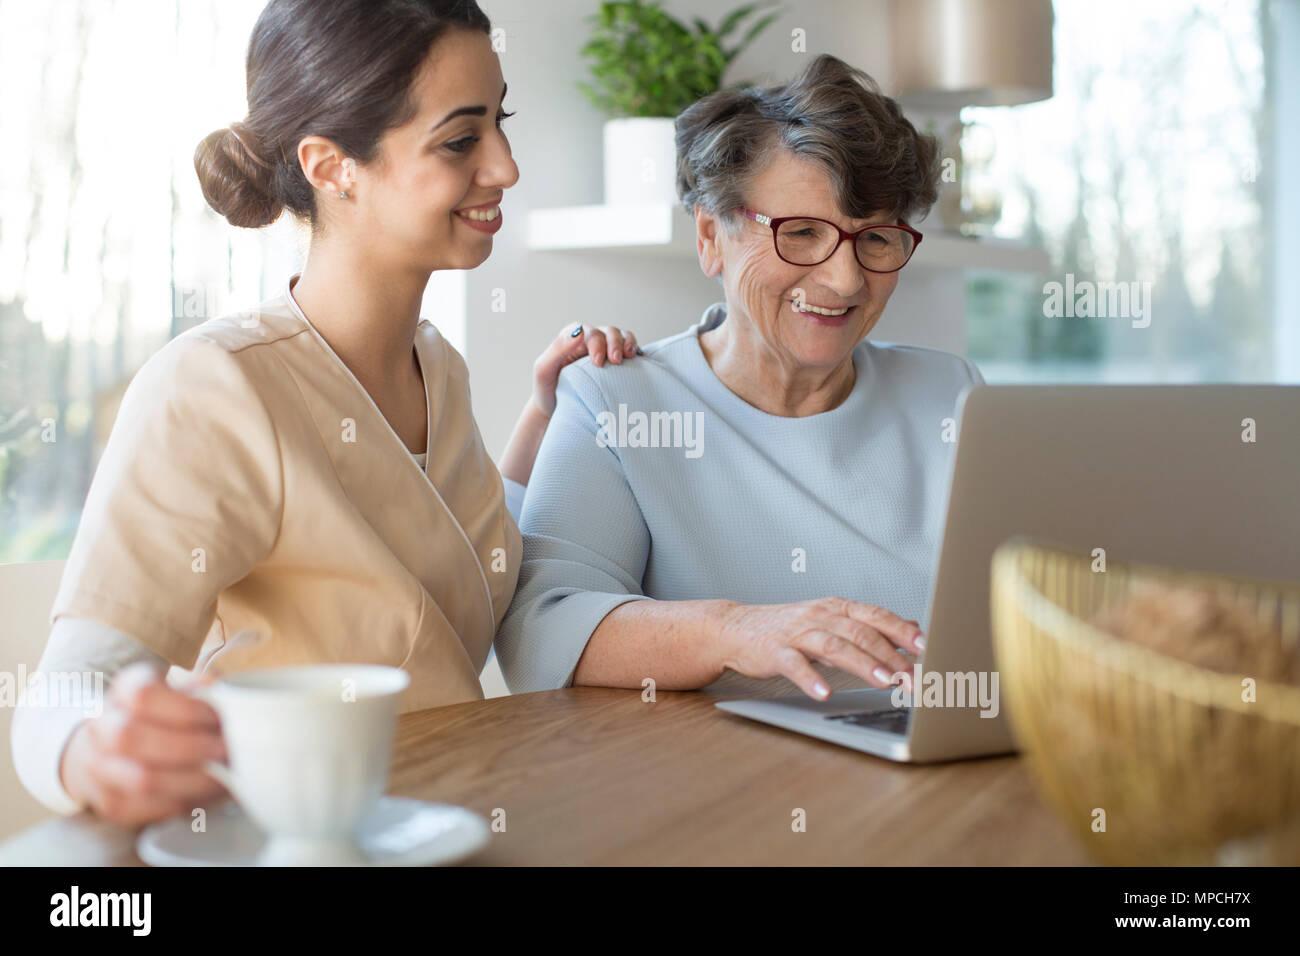 Ausschreibung Hausmeister der Annäherung zwischen den Generationen und der Lehre eine lächelnde ältere Frau, die Nutzung des Internets auf einem Laptop beim Sitzen um einen Tisch in einem hellen r Stockbild